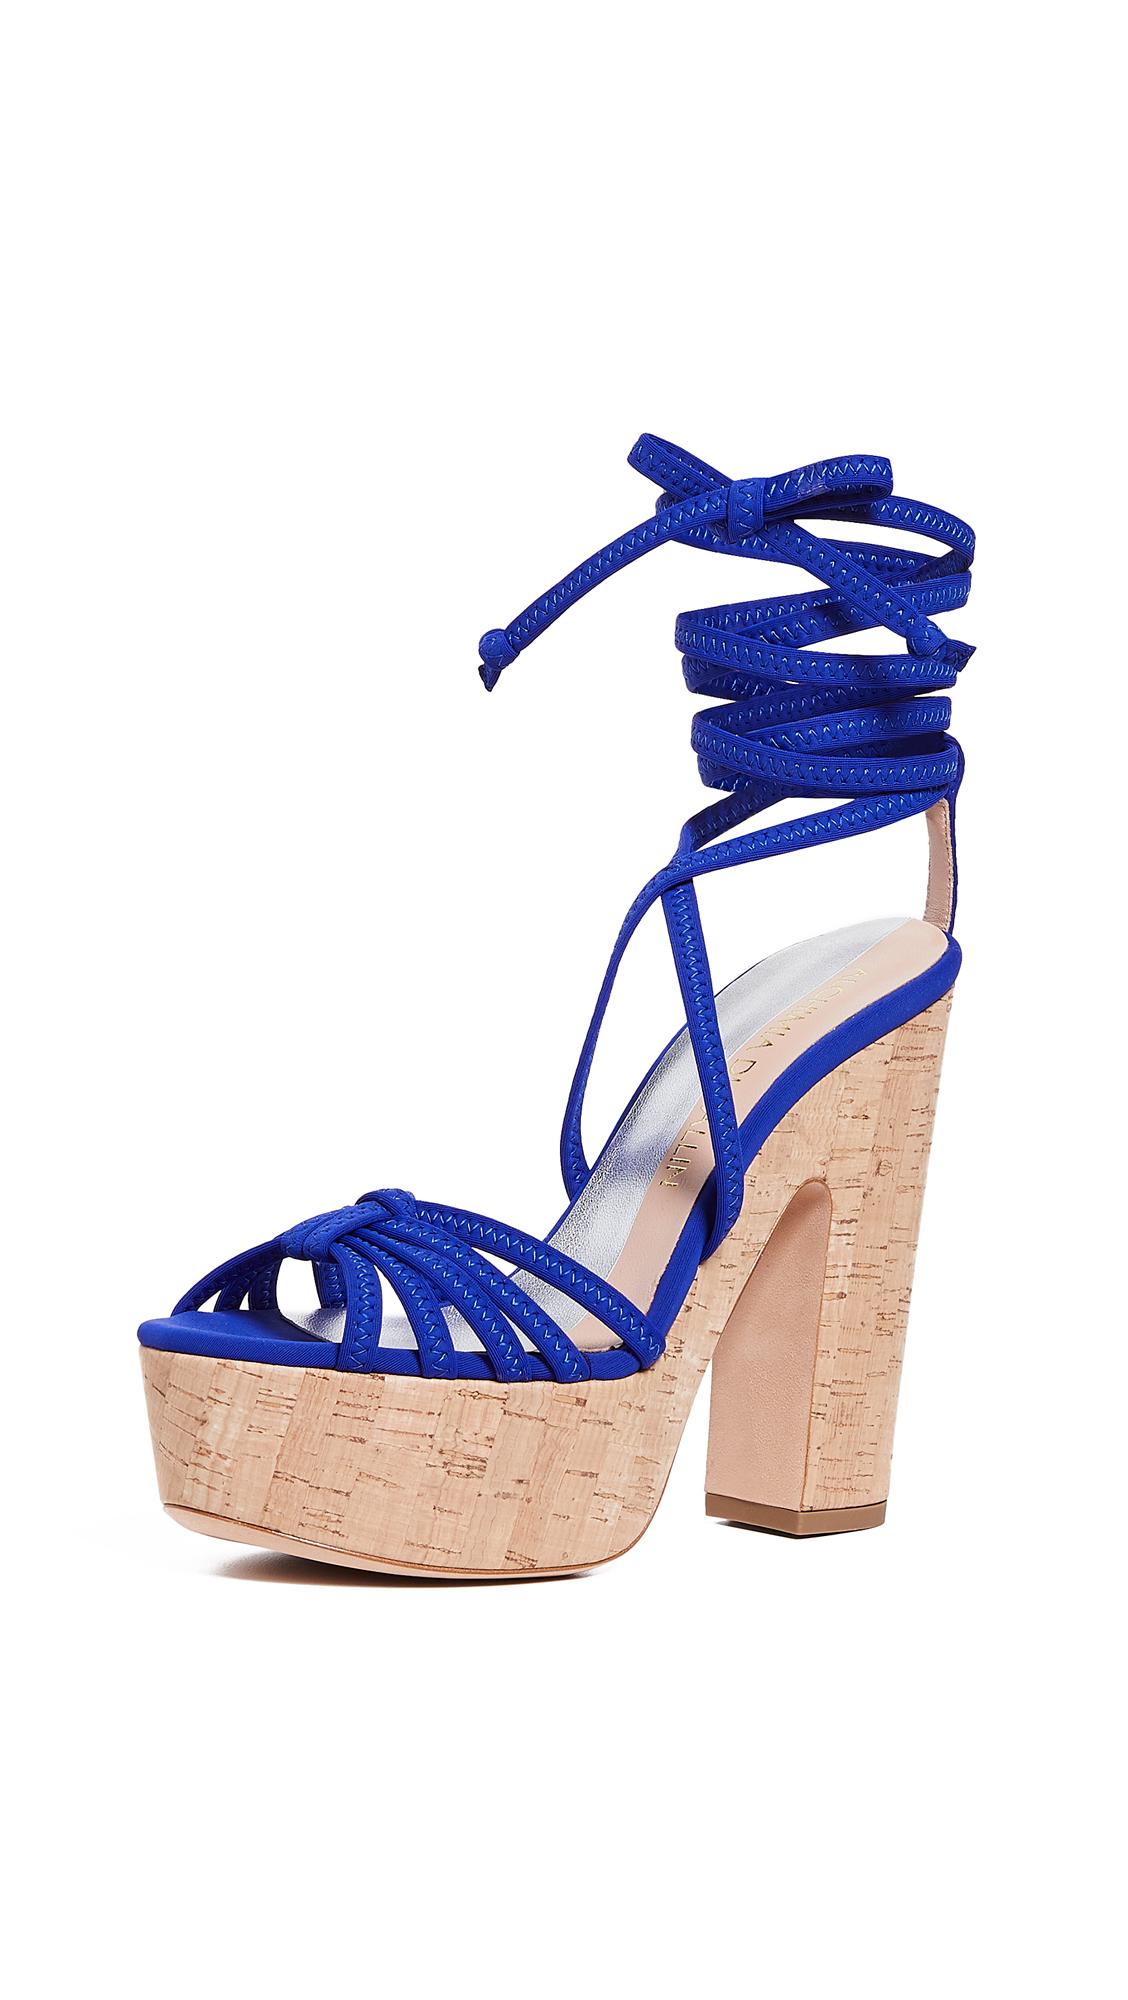 699363fc87e Alchimia Di Ballin Bikini Platform Sandals In Cobalt